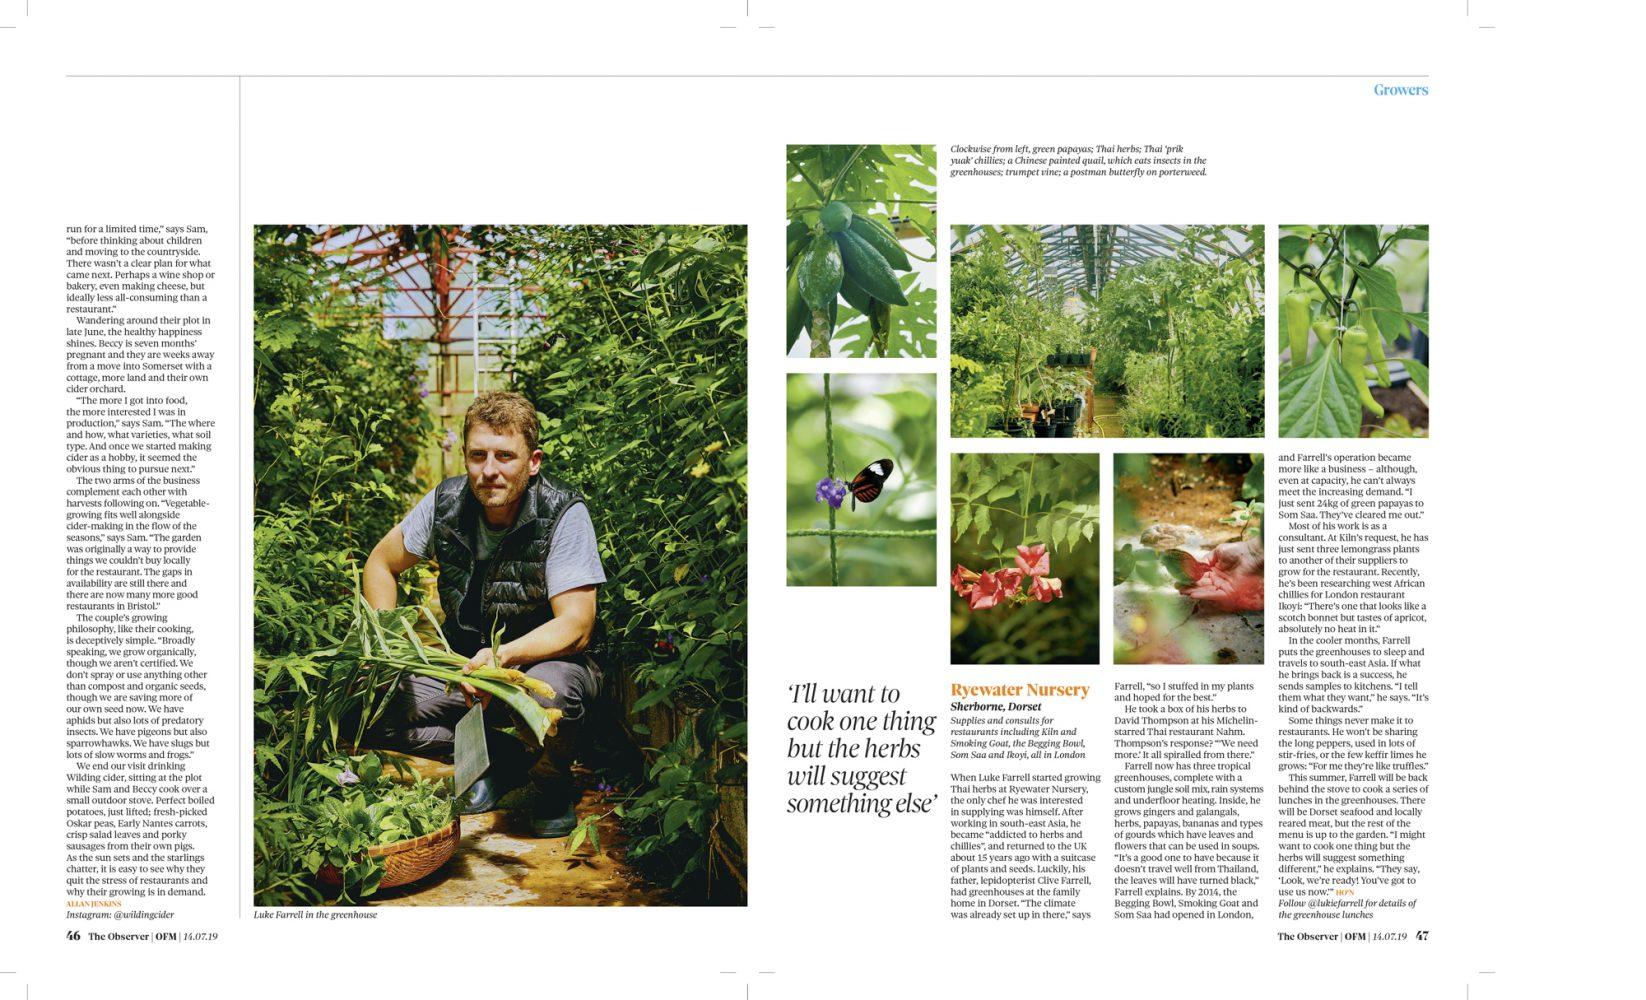 Gardeners' worlds